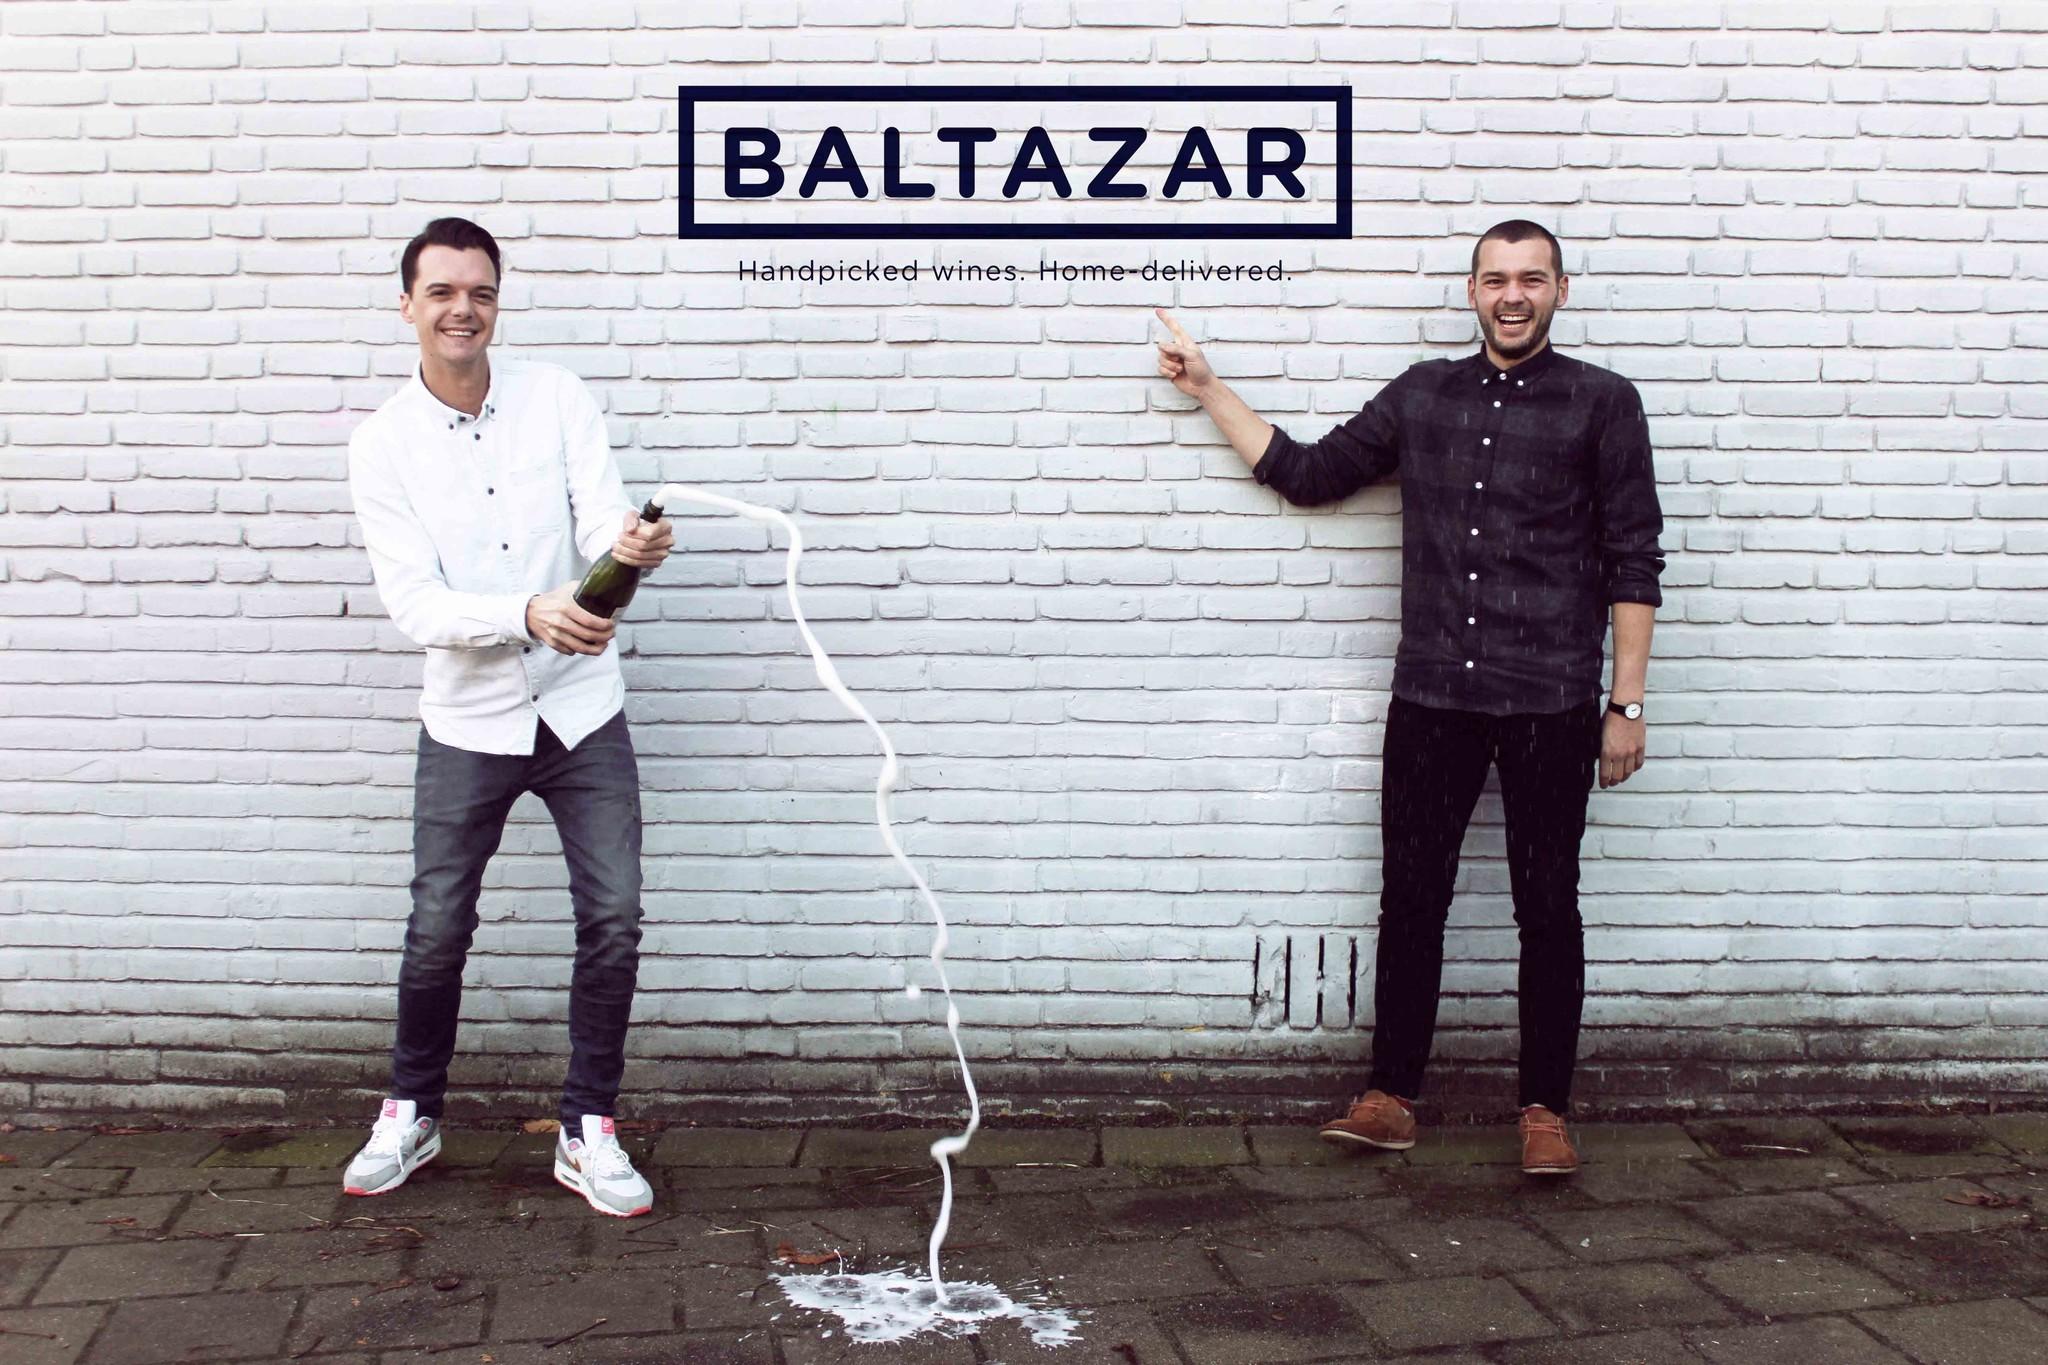 Baltazar opening wijnabonnement